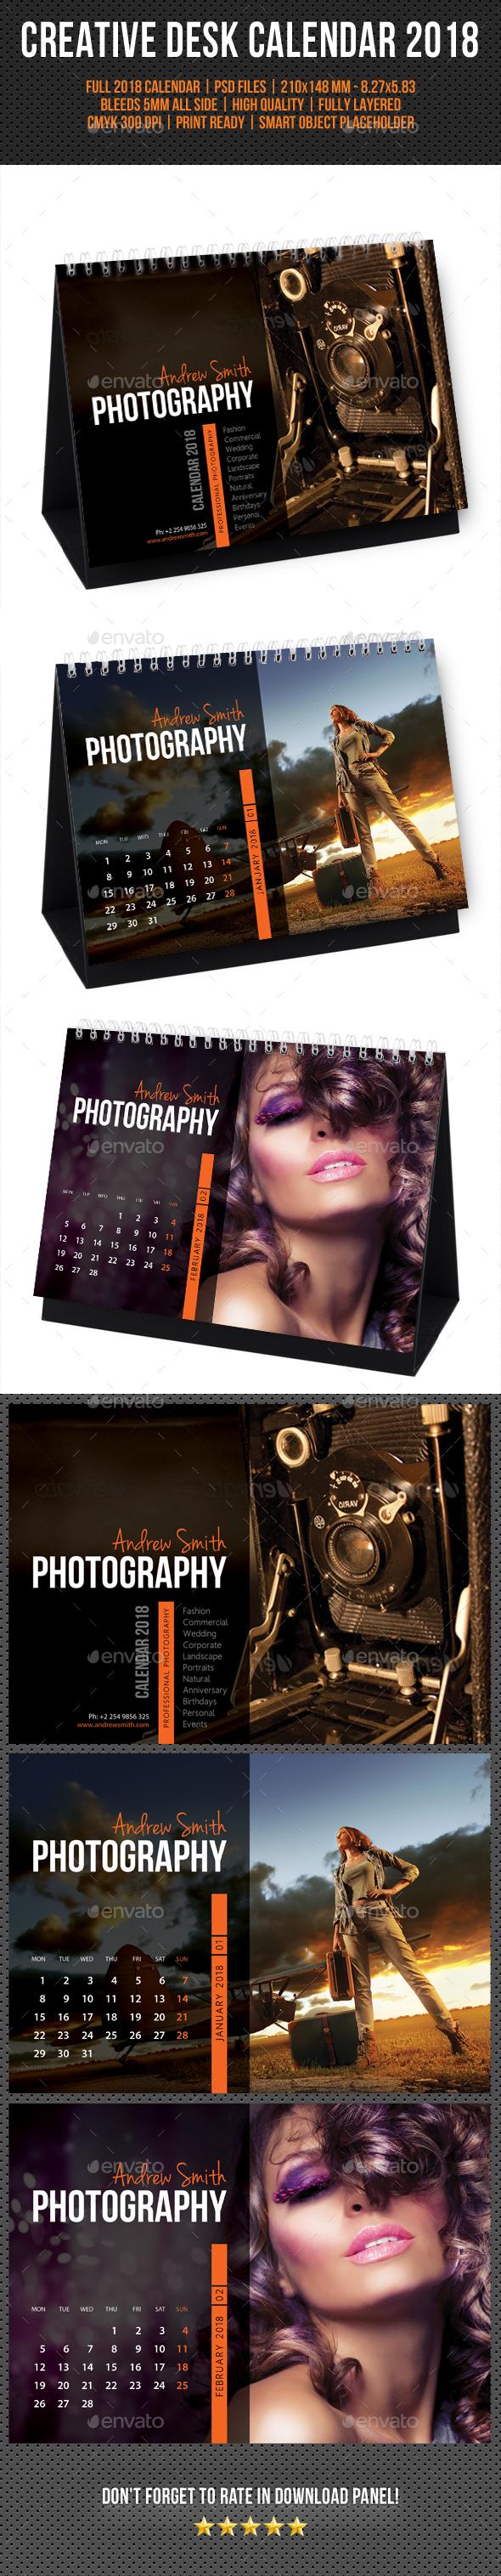 Creative Desk Calendar 2018 V10 - Calendars Stationery